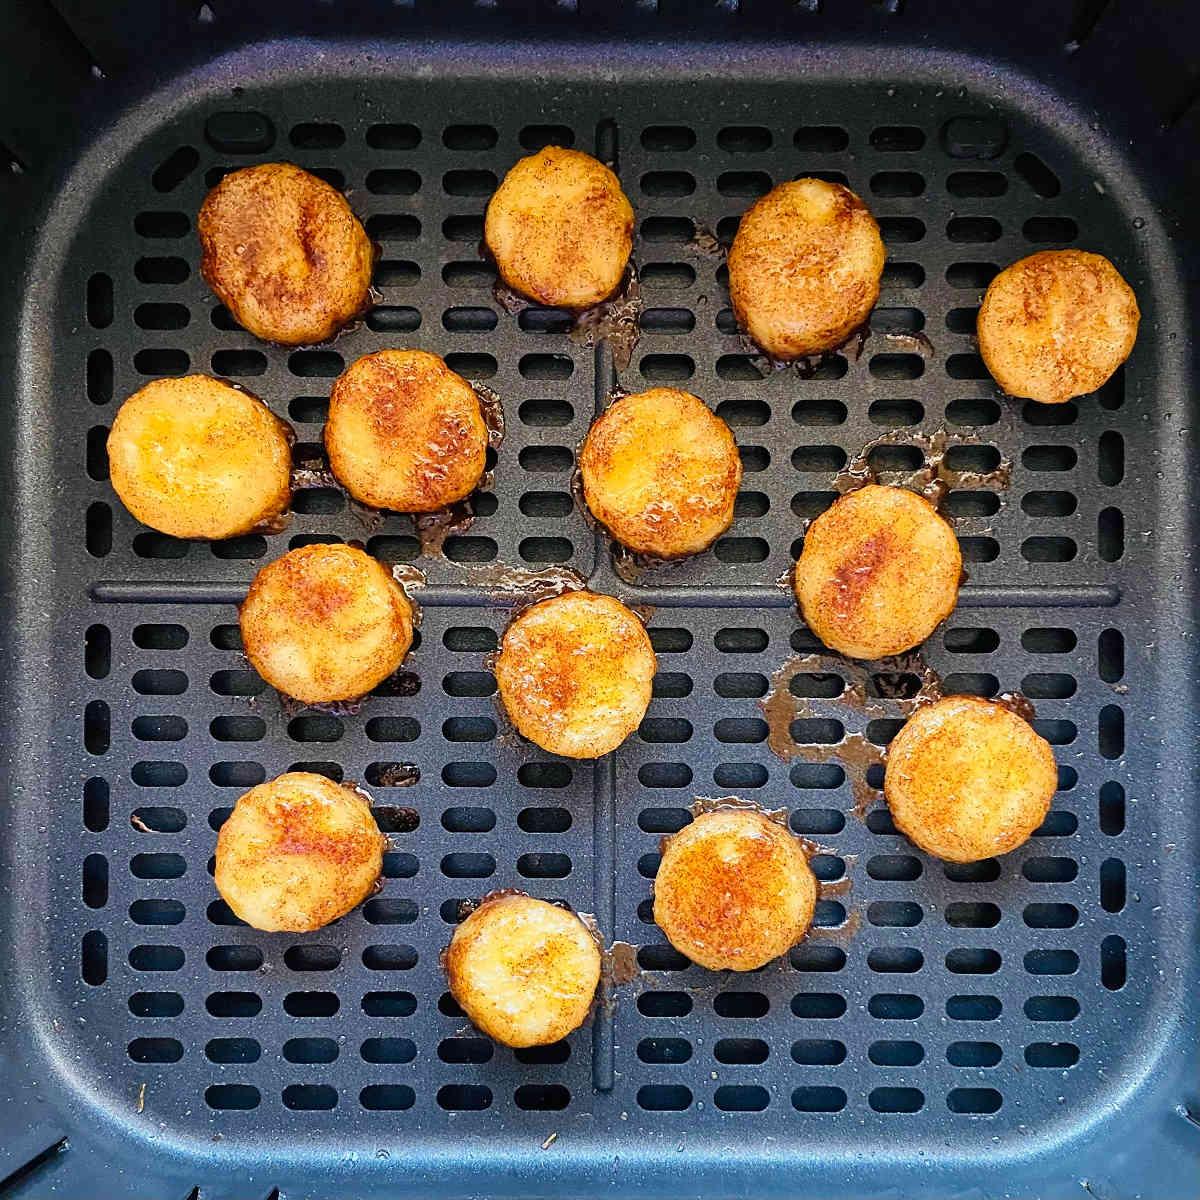 air fryer bananas in air fryer basket